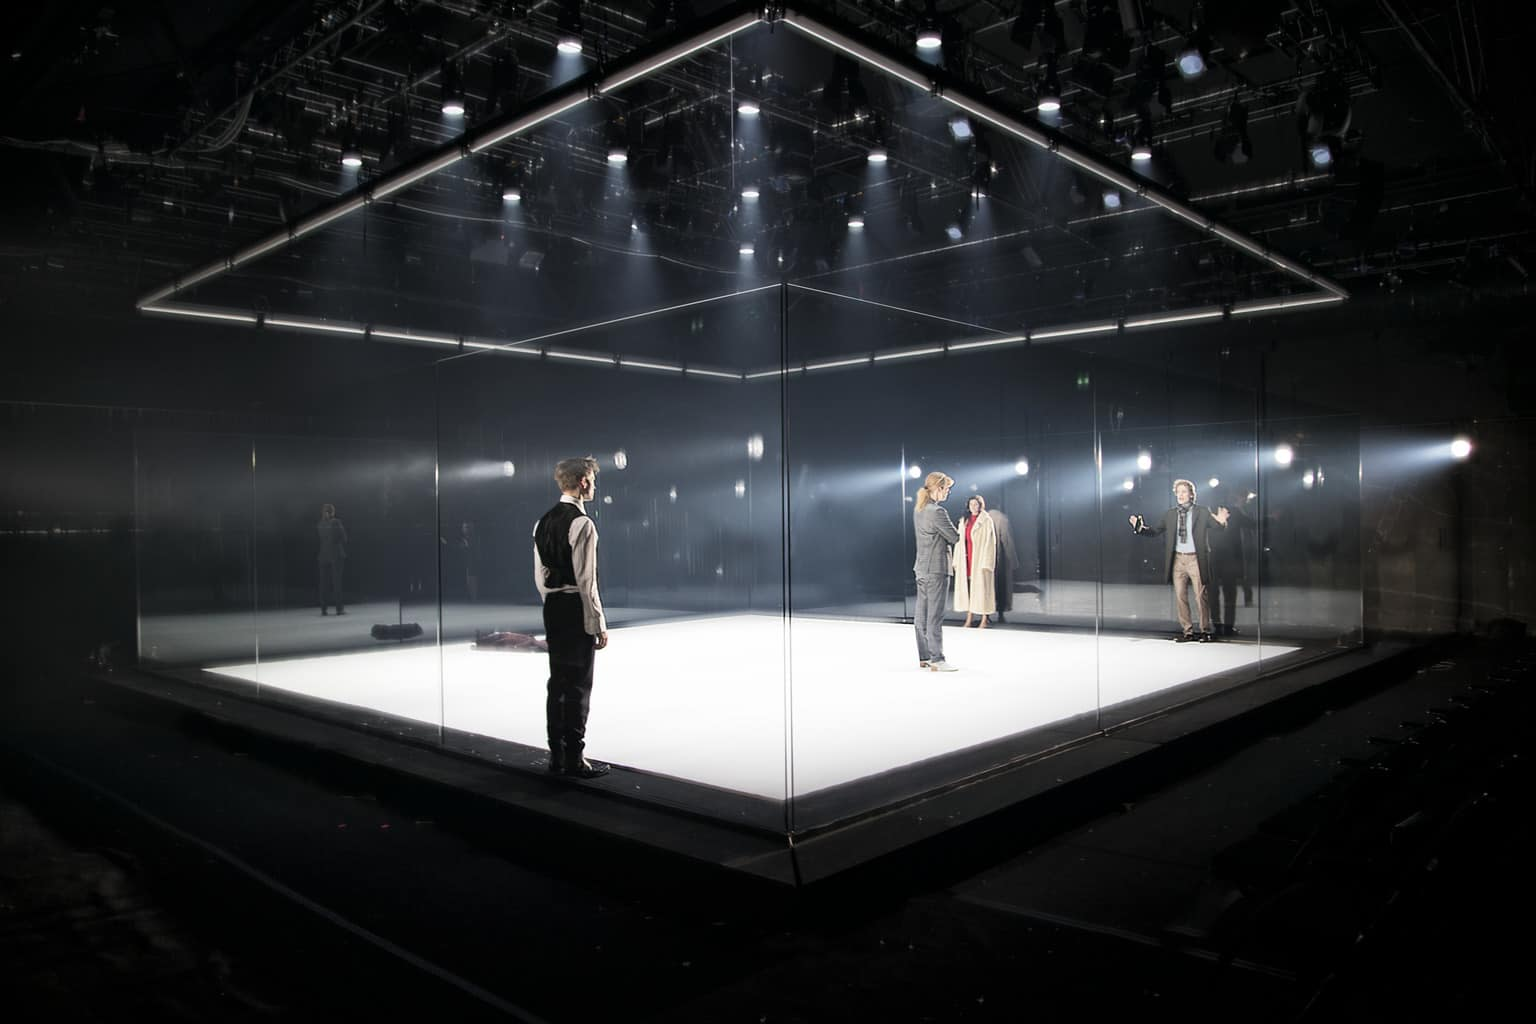 Teater Republique. Et VIntereventyr. Scenografi af Maja Ravn. Fotos: Per Morten Abrahamsen.